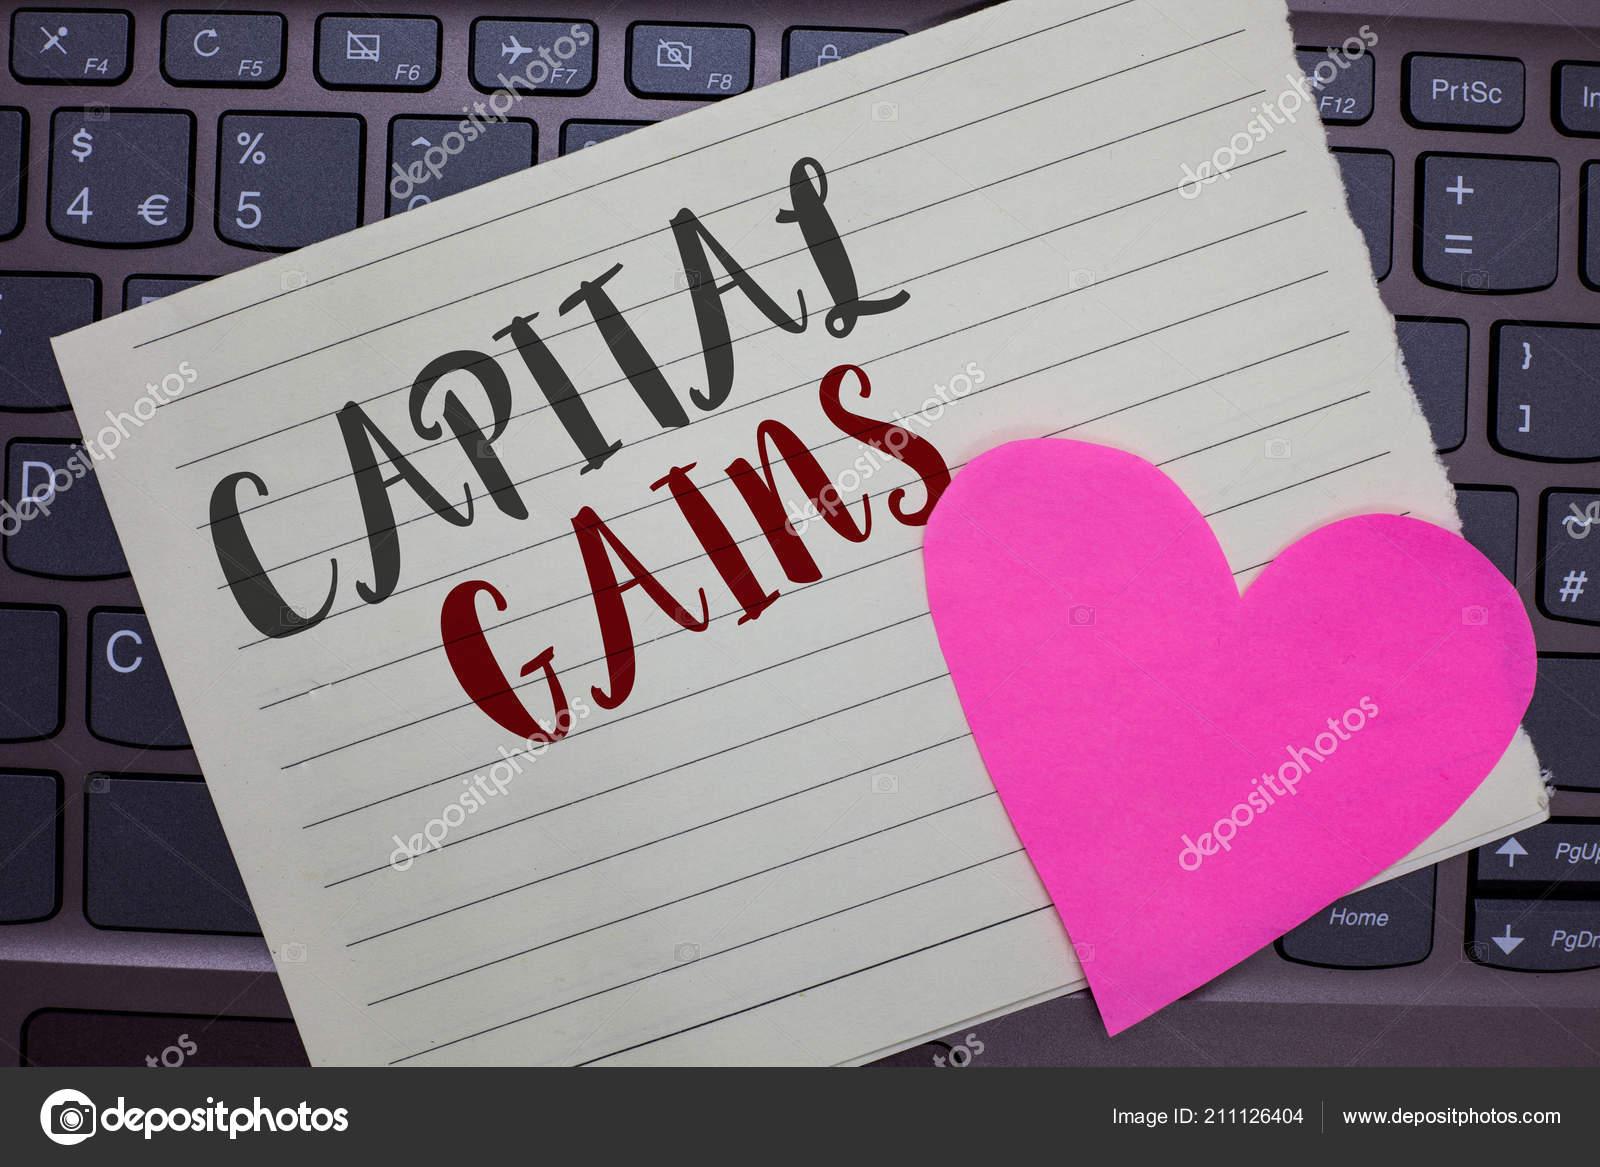 Идеи акций для бизнеса лучшие идеи бизнеса россии